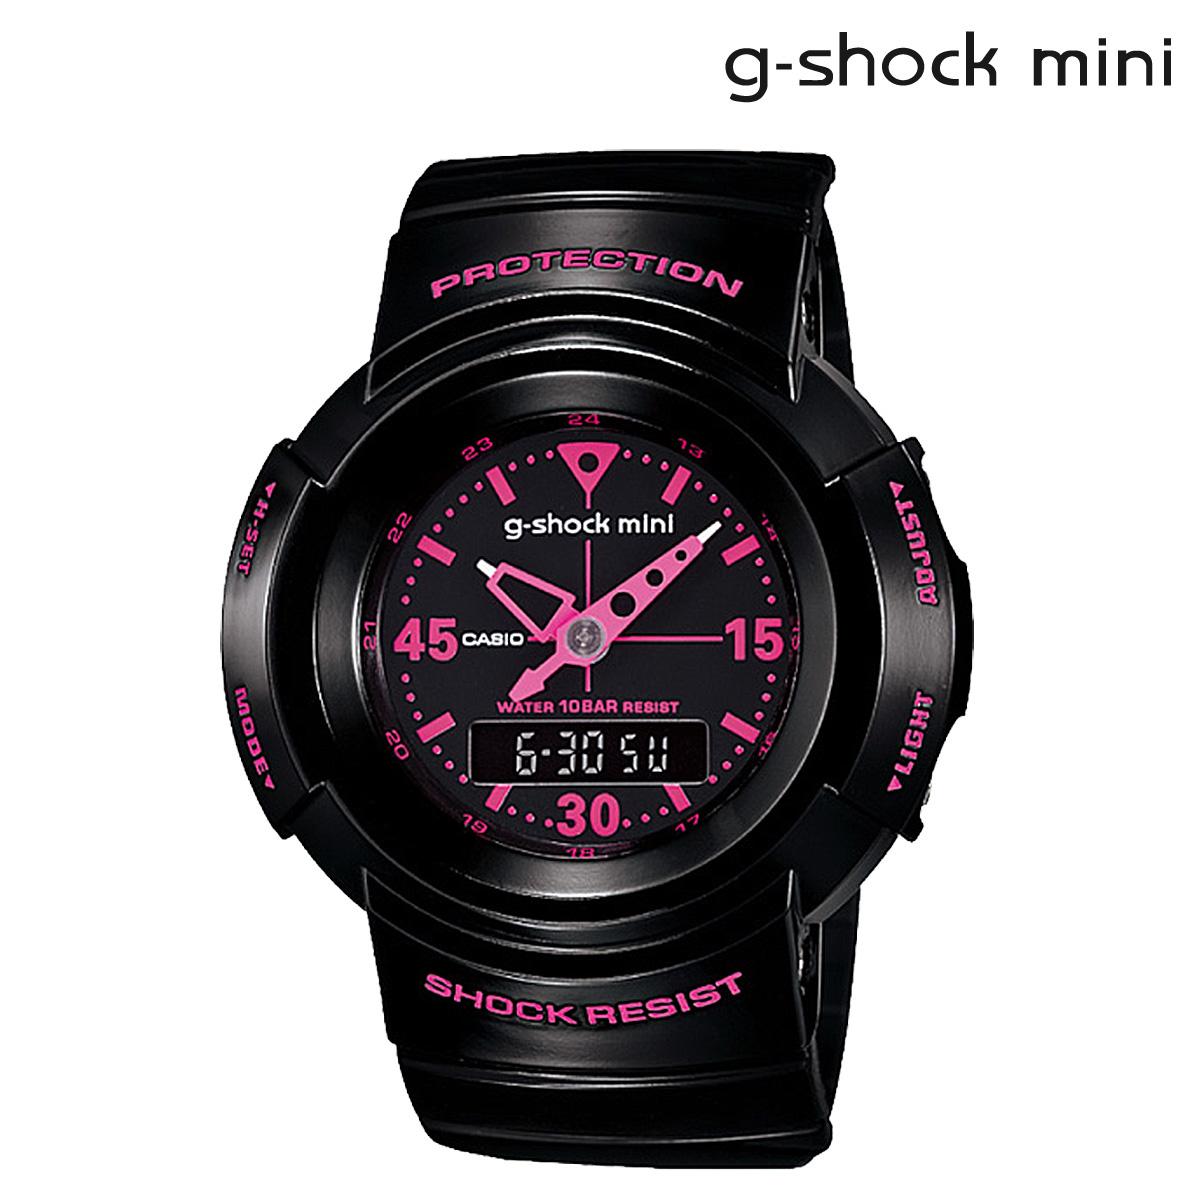 【最大2000円OFFクーポン】 カシオ CASIO g-shock mini 腕時計 GMN-500-1B2JR ジーショック ミニ Gショック G-ショック レディース